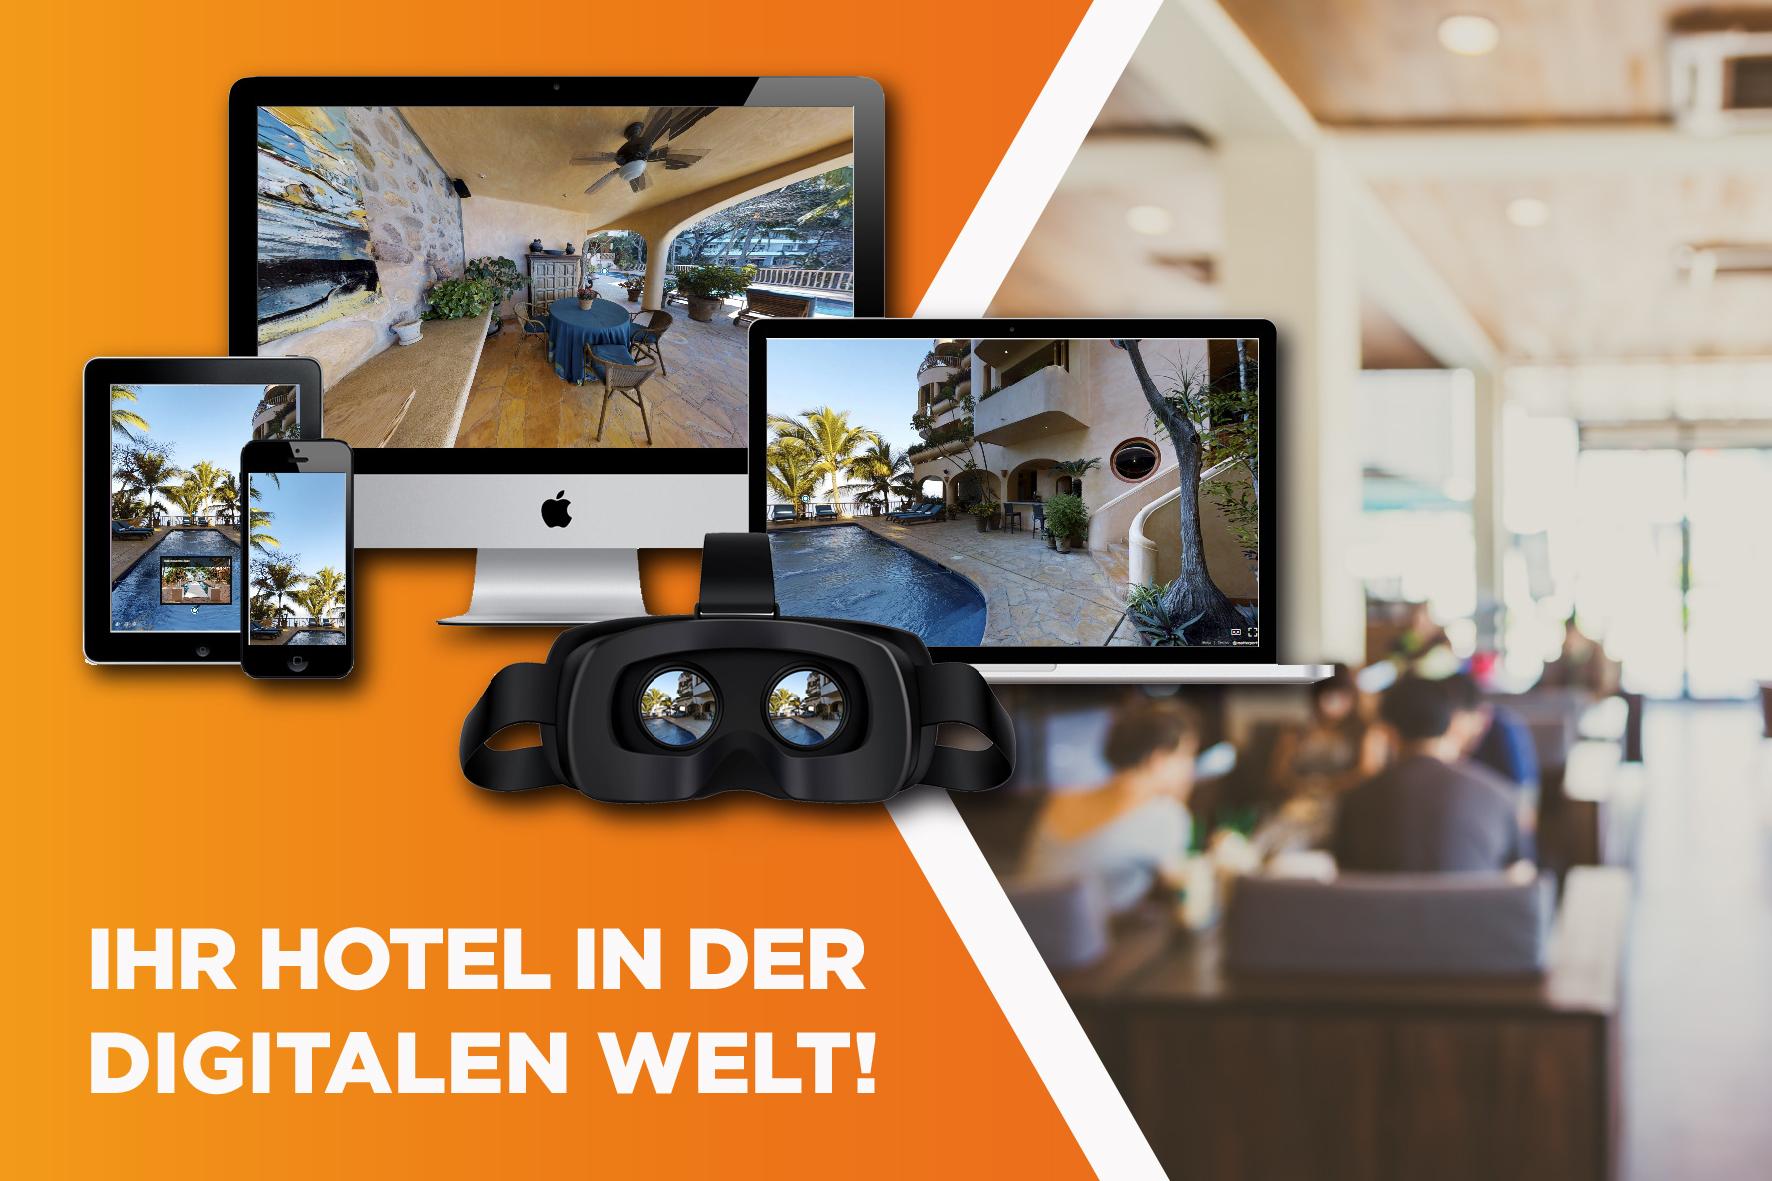 Ihr Hotel in der digitalen Welt